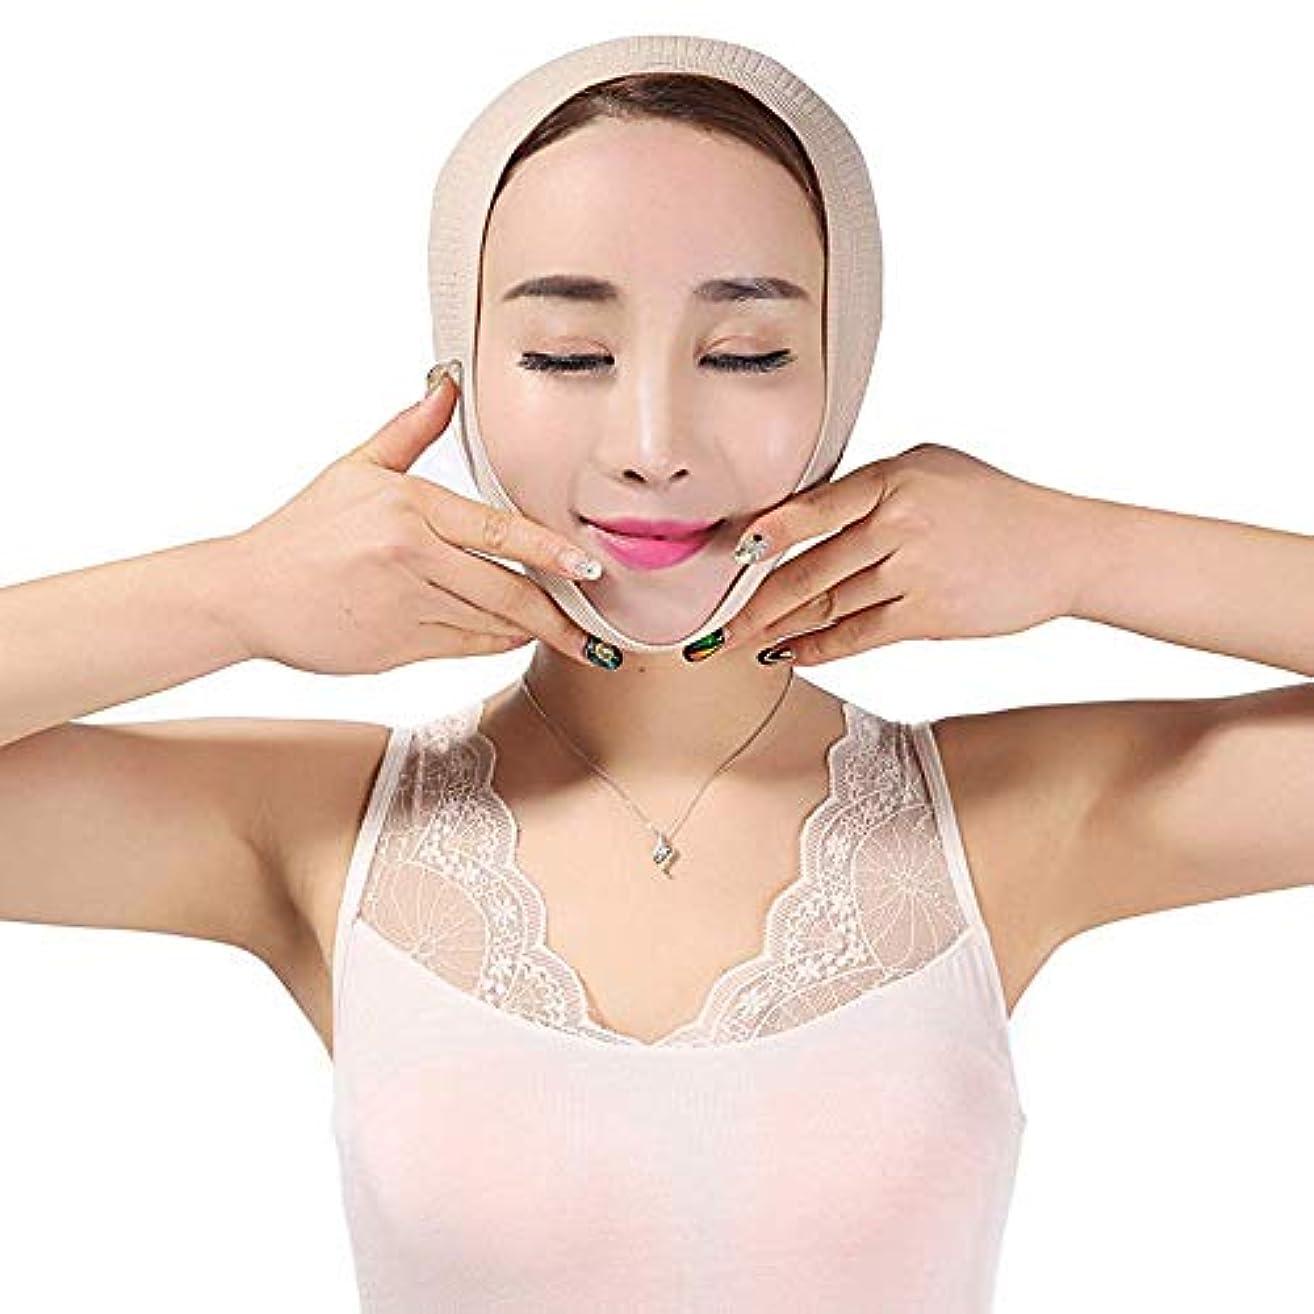 放射能クリスチャン詳細に薄い顔の器械のマスクの改装の包帯Vの表面持ち上がることの引き締めの美顔術の二重最大の顔のマッサージャー